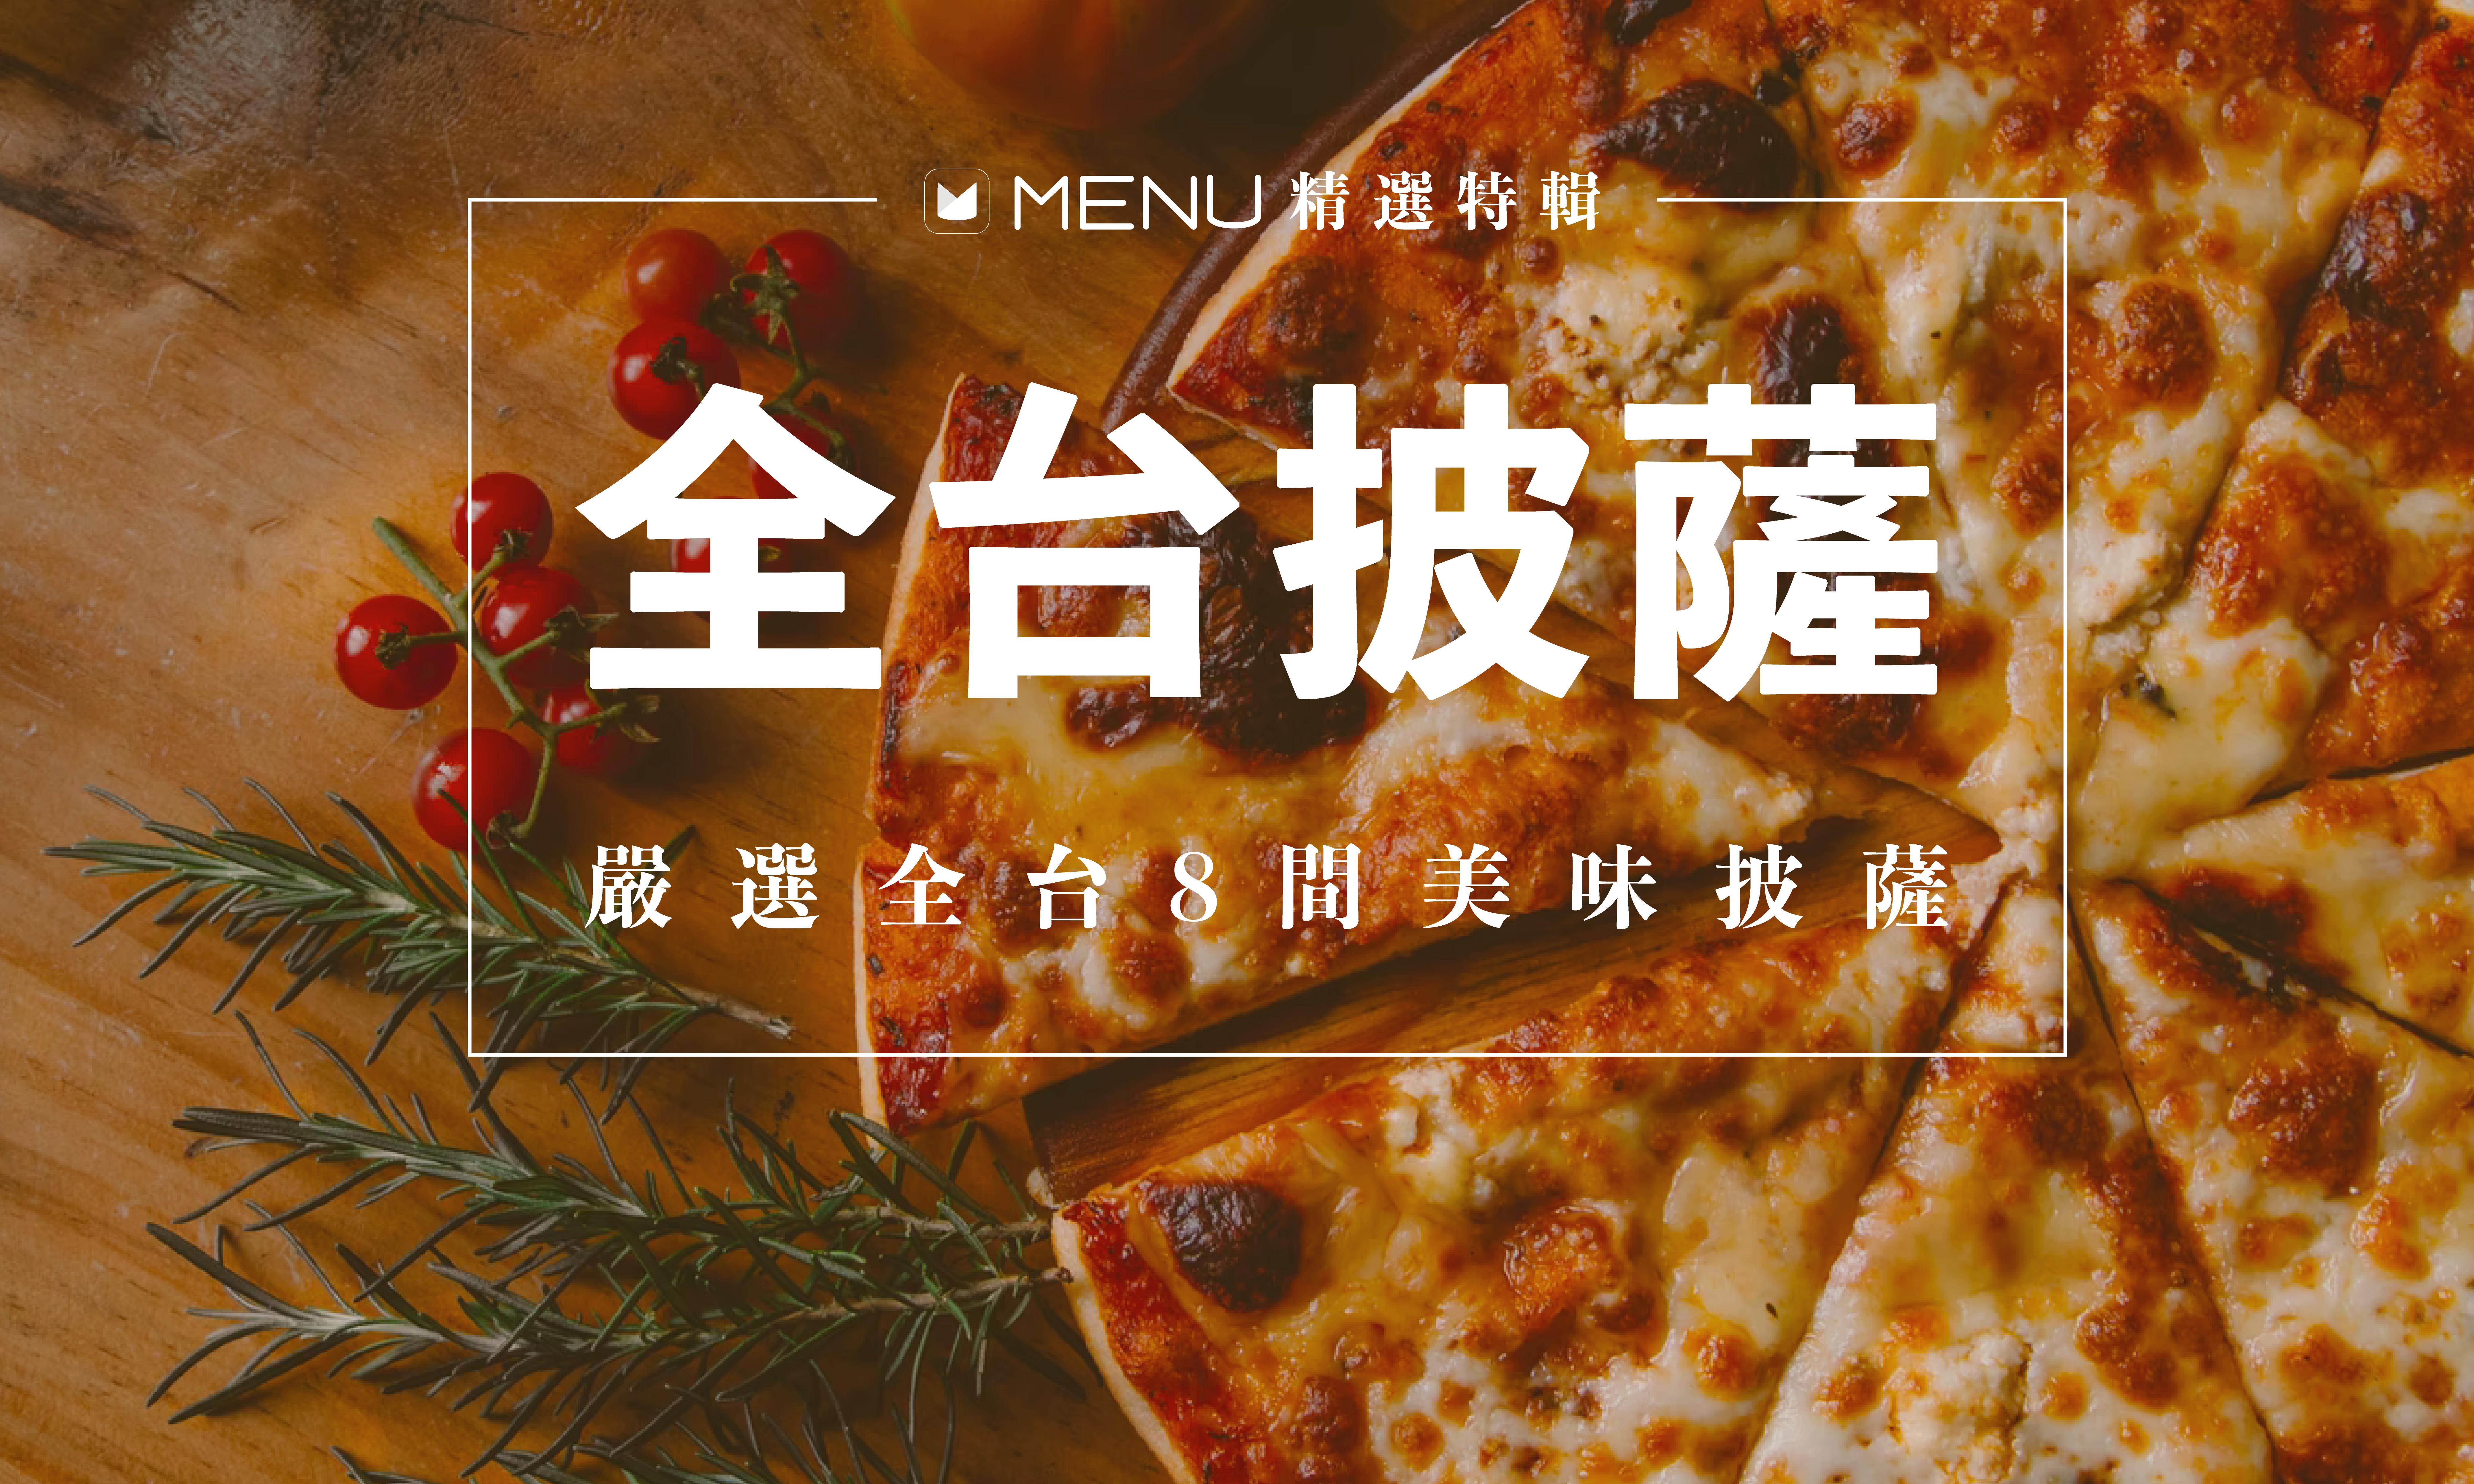 不要只吃連鎖店披薩啦!這幾間比薩都好好吃,快收藏起來讓好友刮目相看!